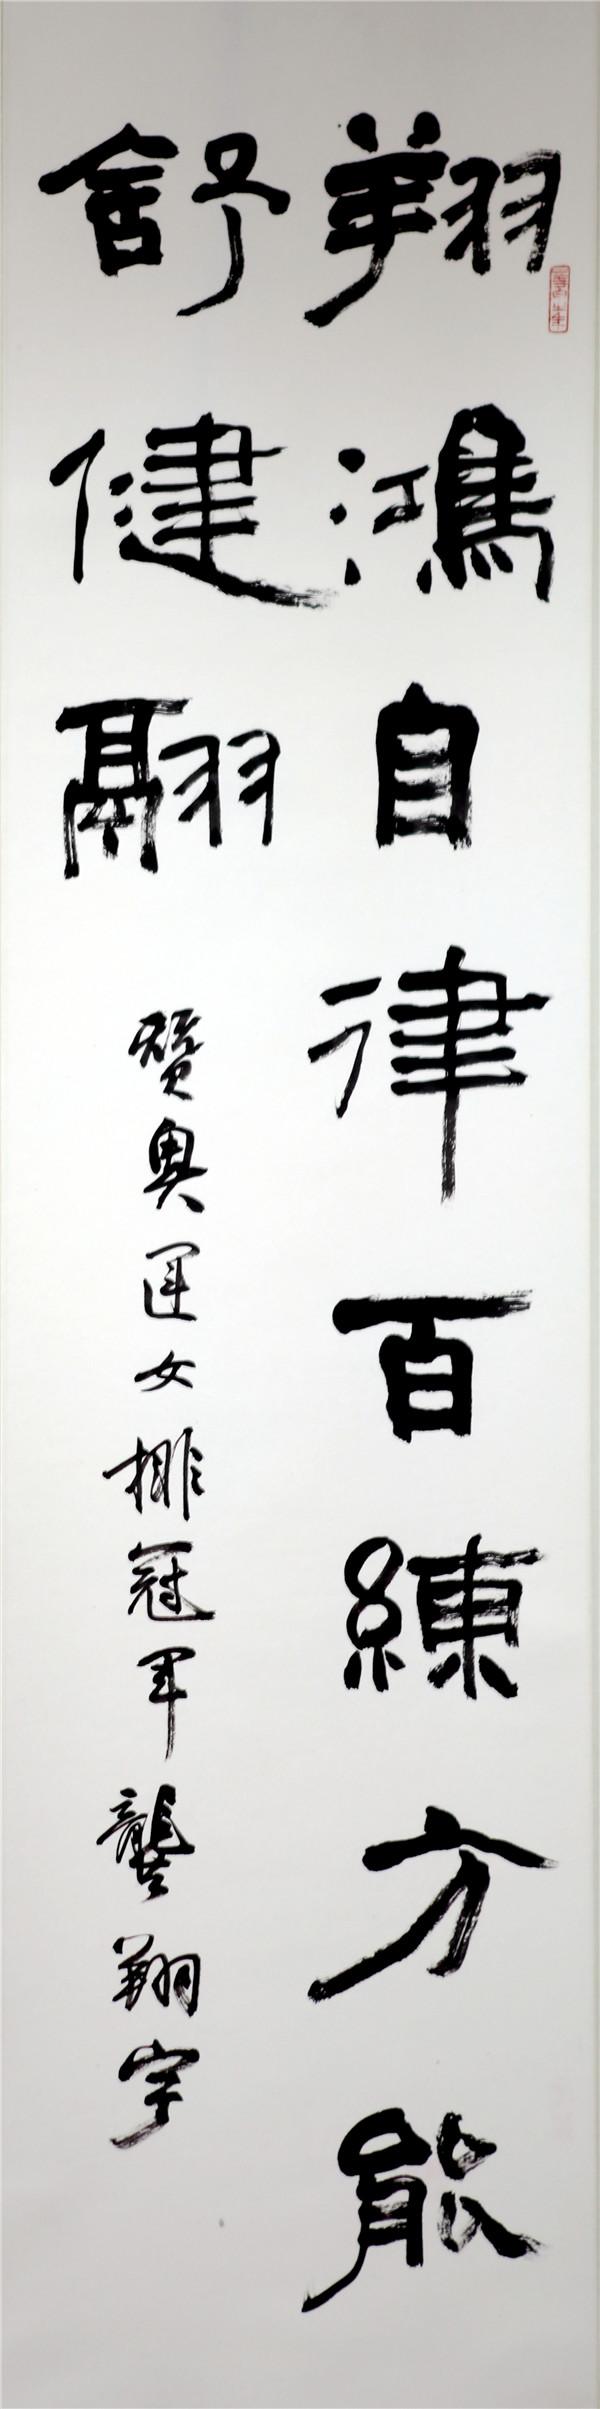 序号370,录严金海为江苏奥运冠军龚翔宇嵌名联